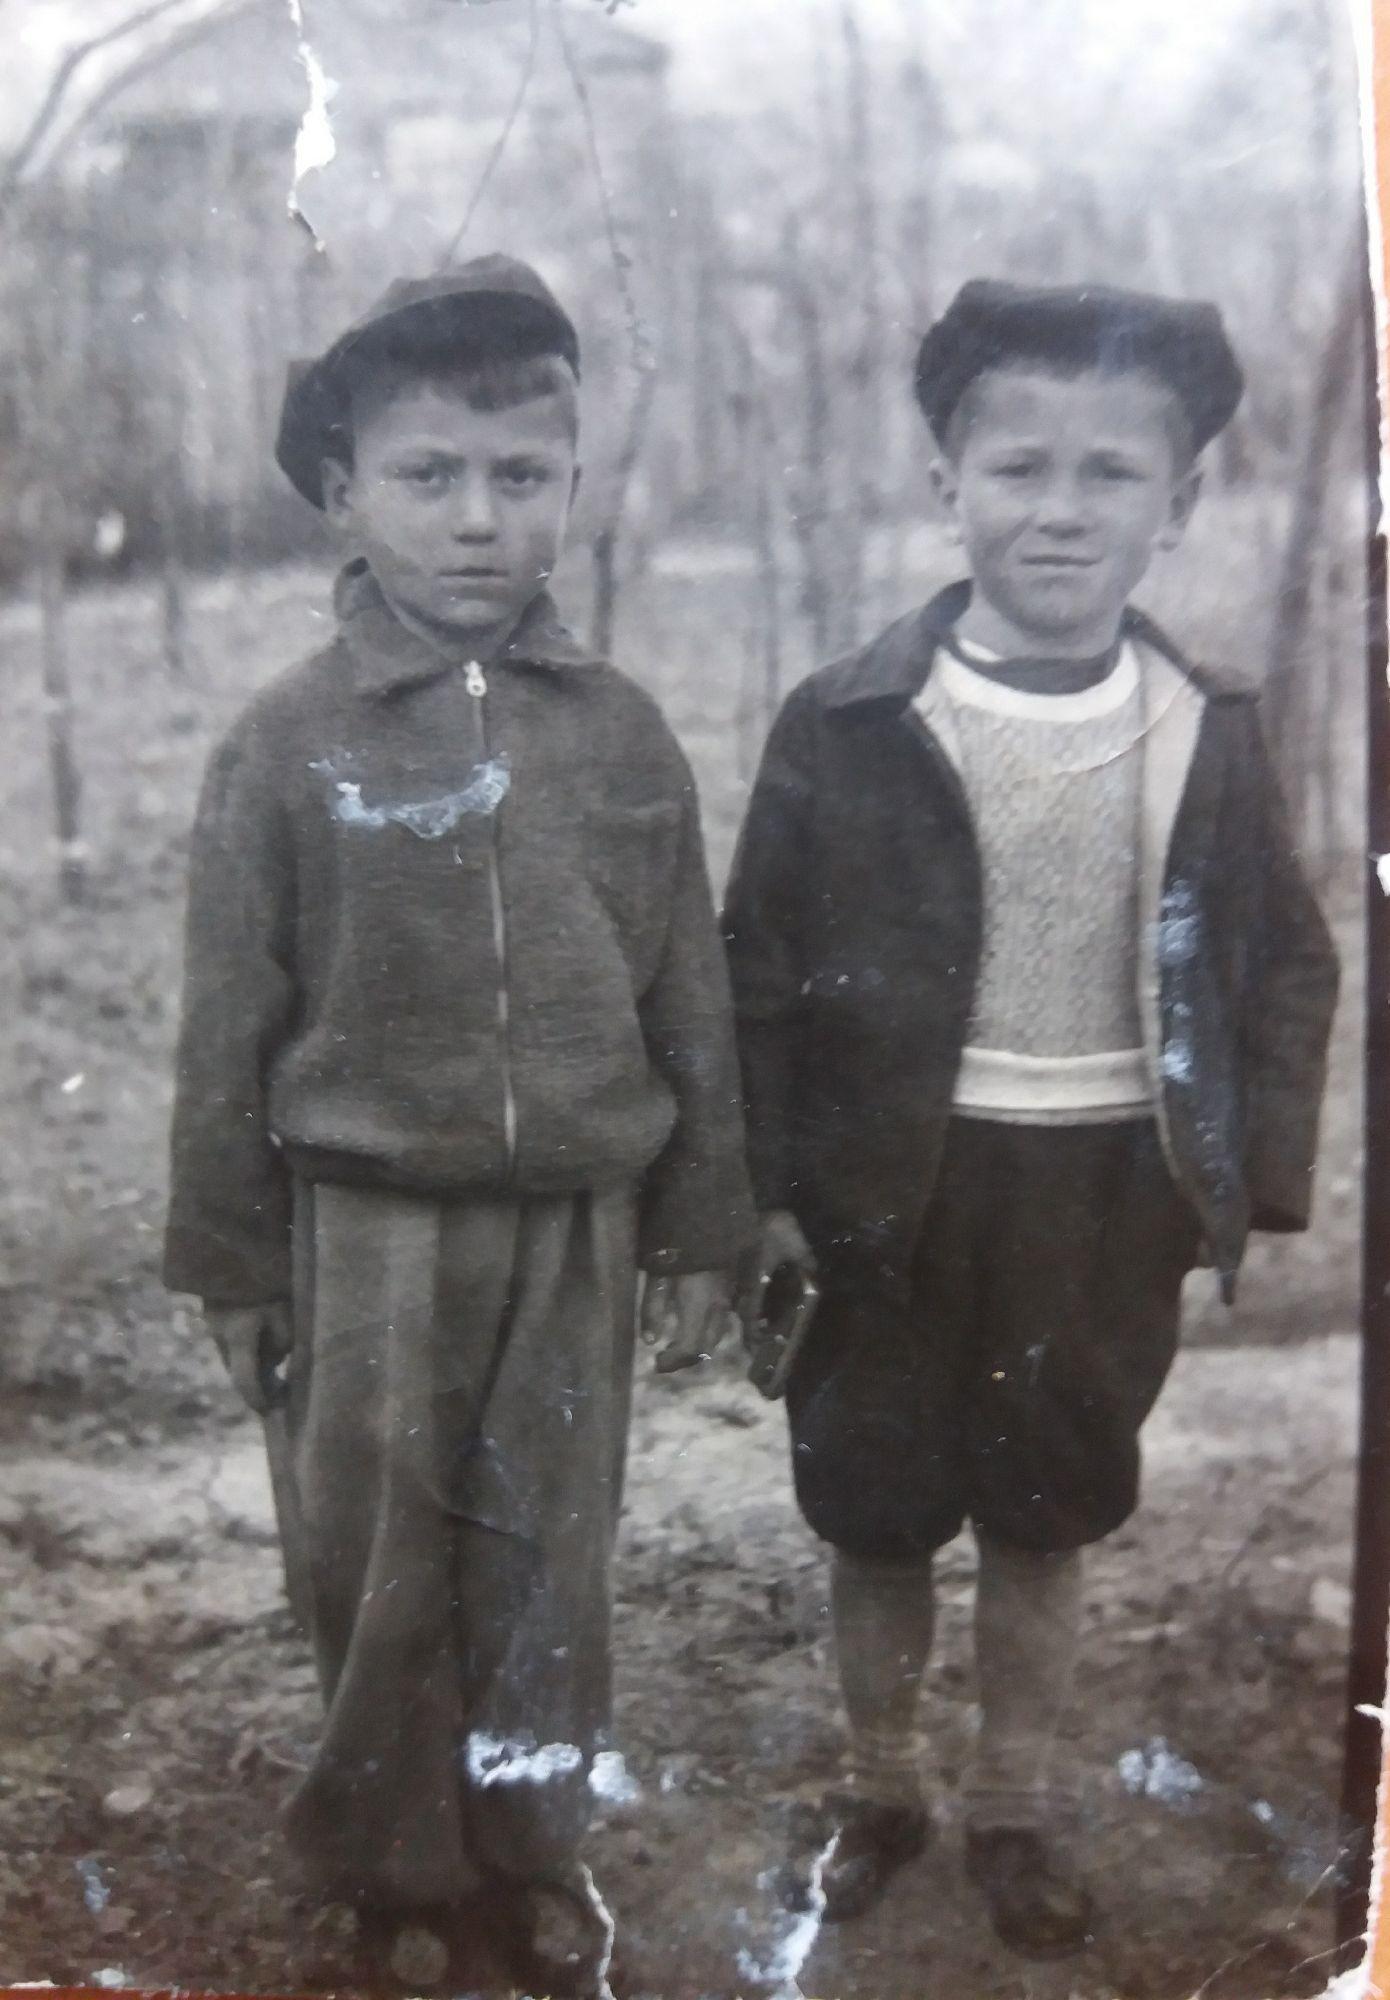 Мой отец (справа) со своим троюродным братом Зубрицким Булатом).